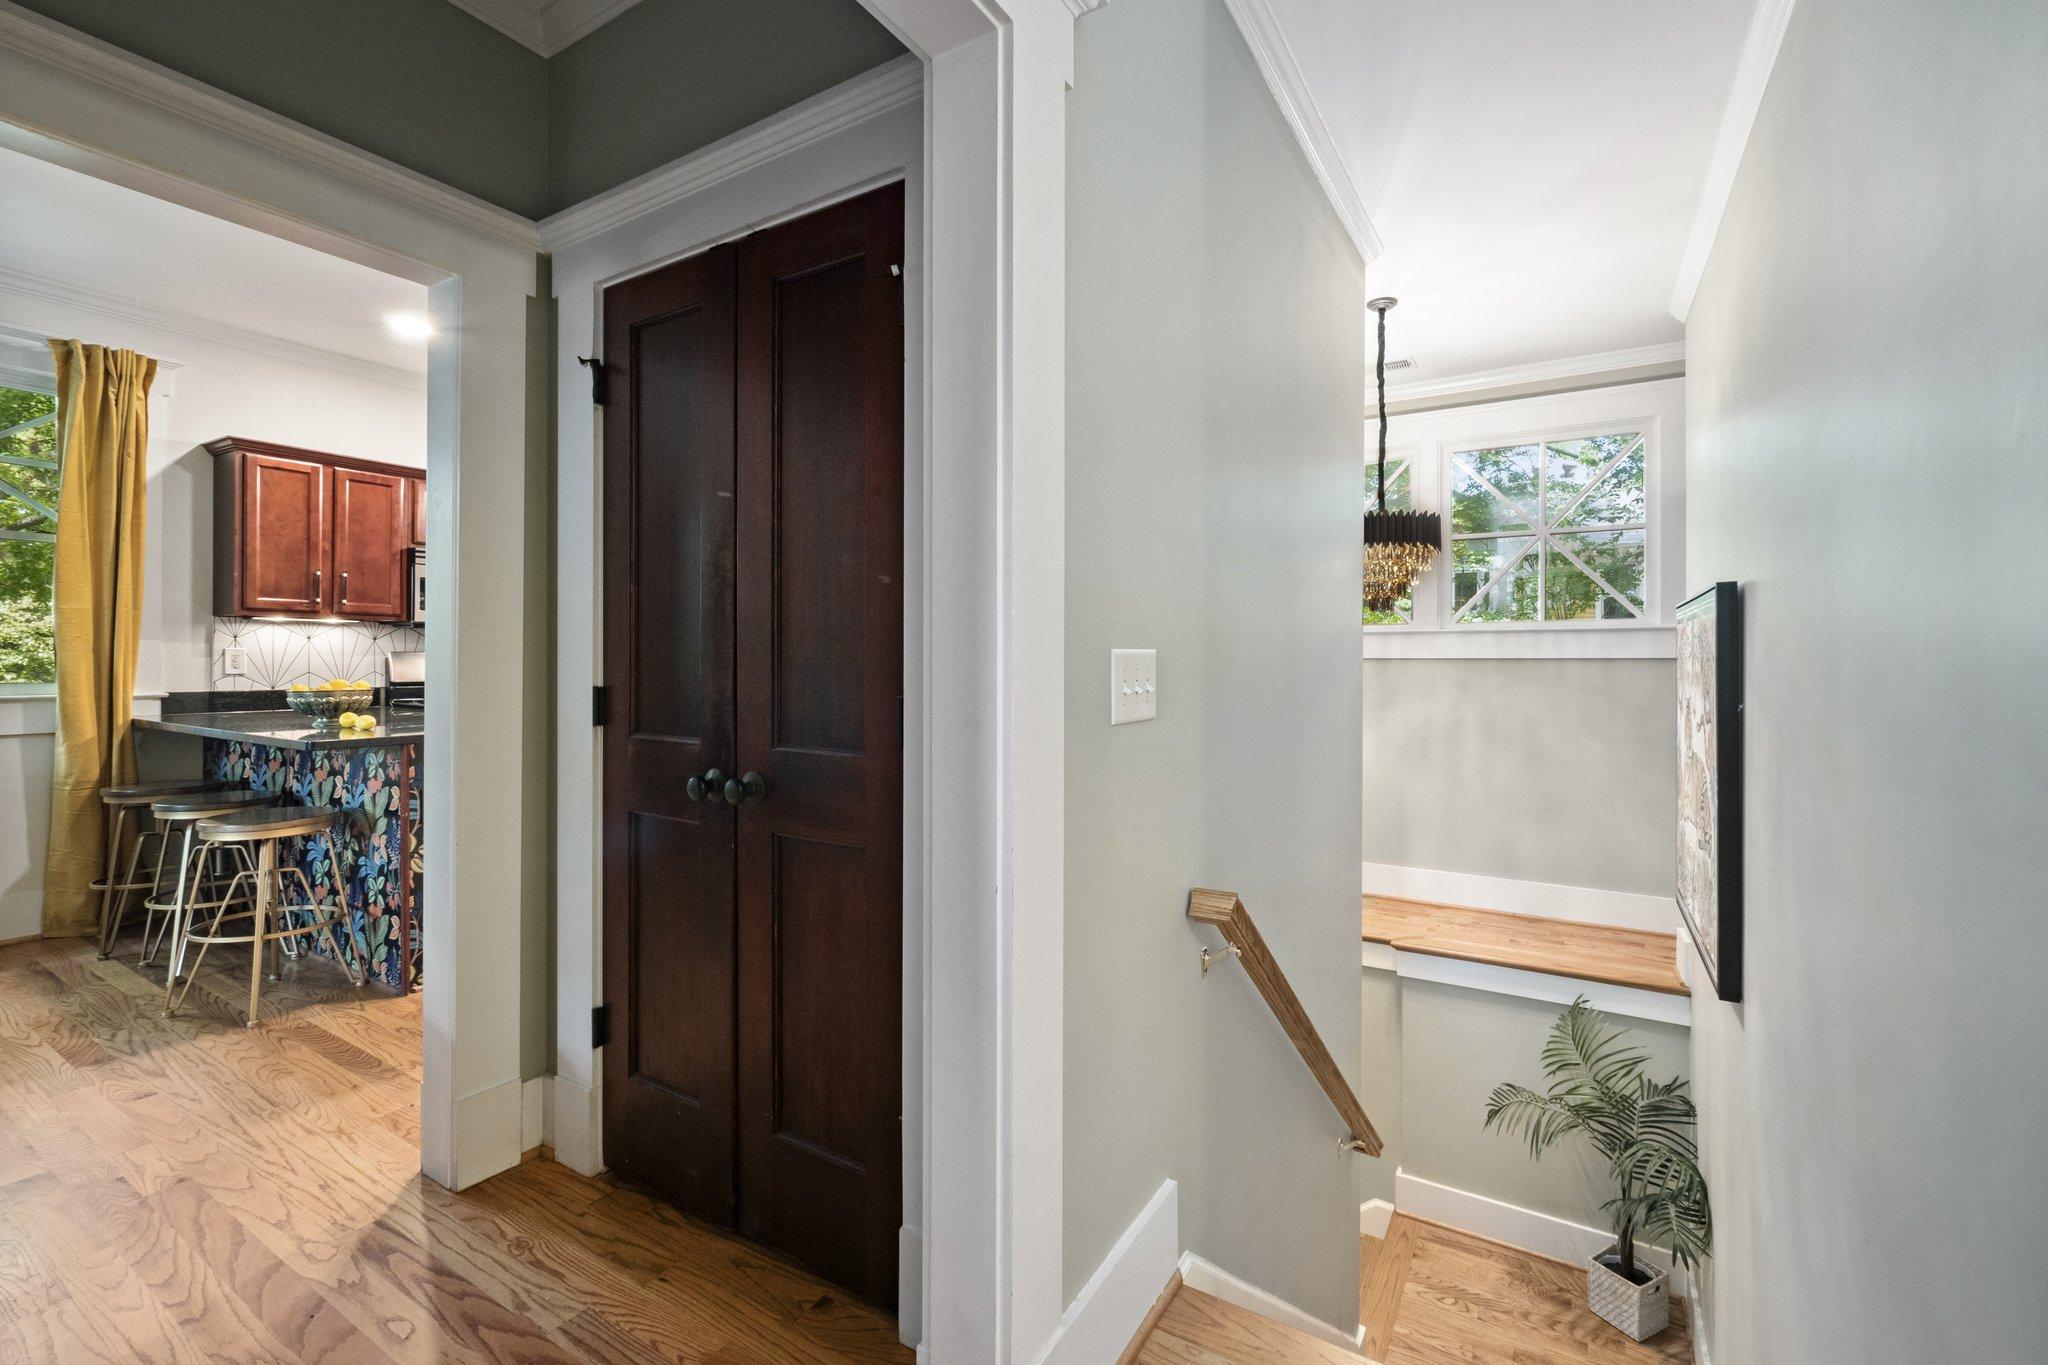 03 kitchen hallway9.jpg